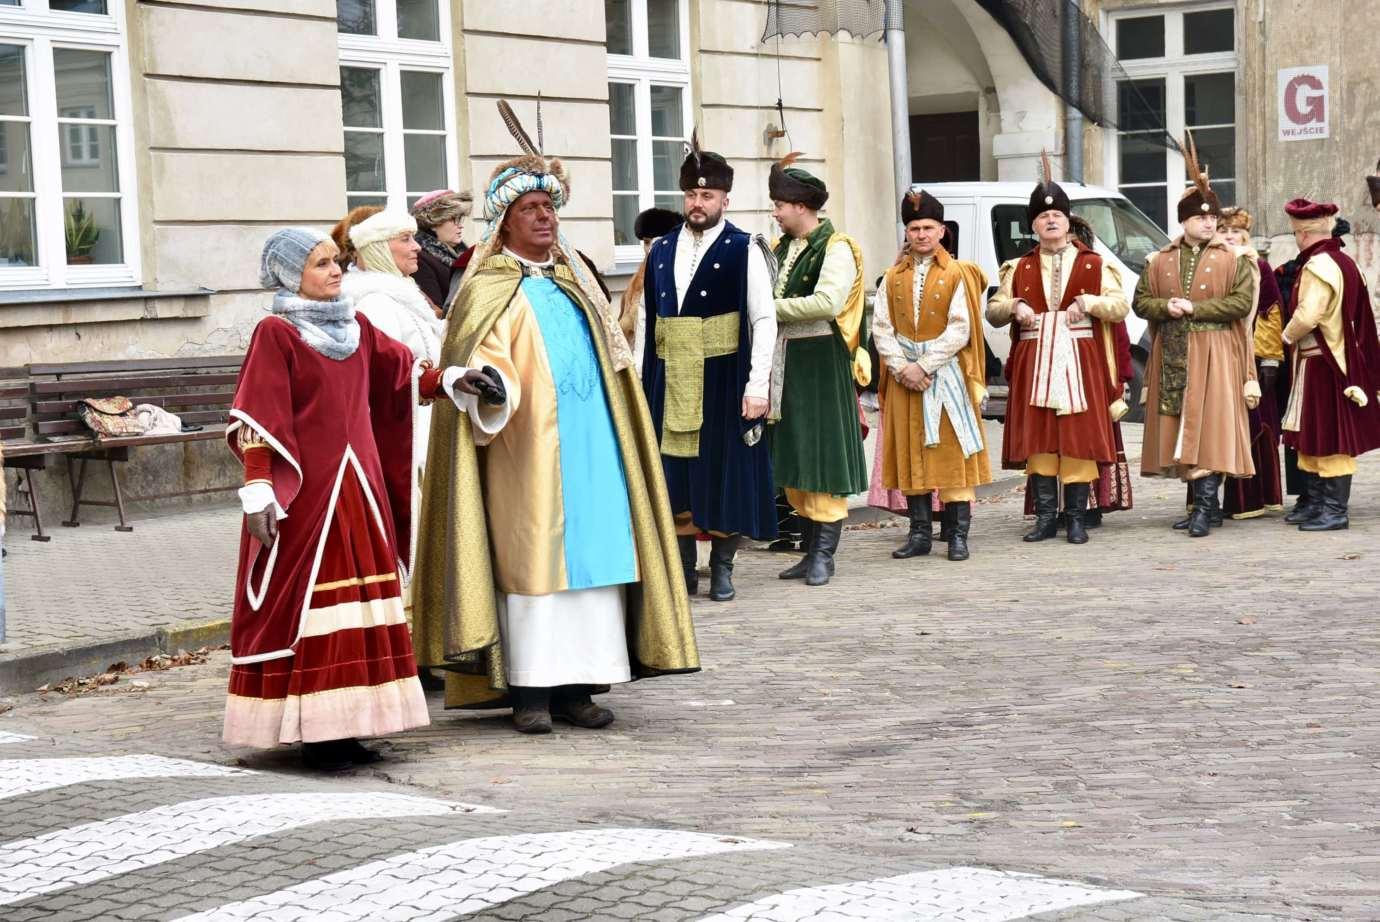 dsc 2479 Rekordowy VI Orszak Trzech Króli w Zamościu -